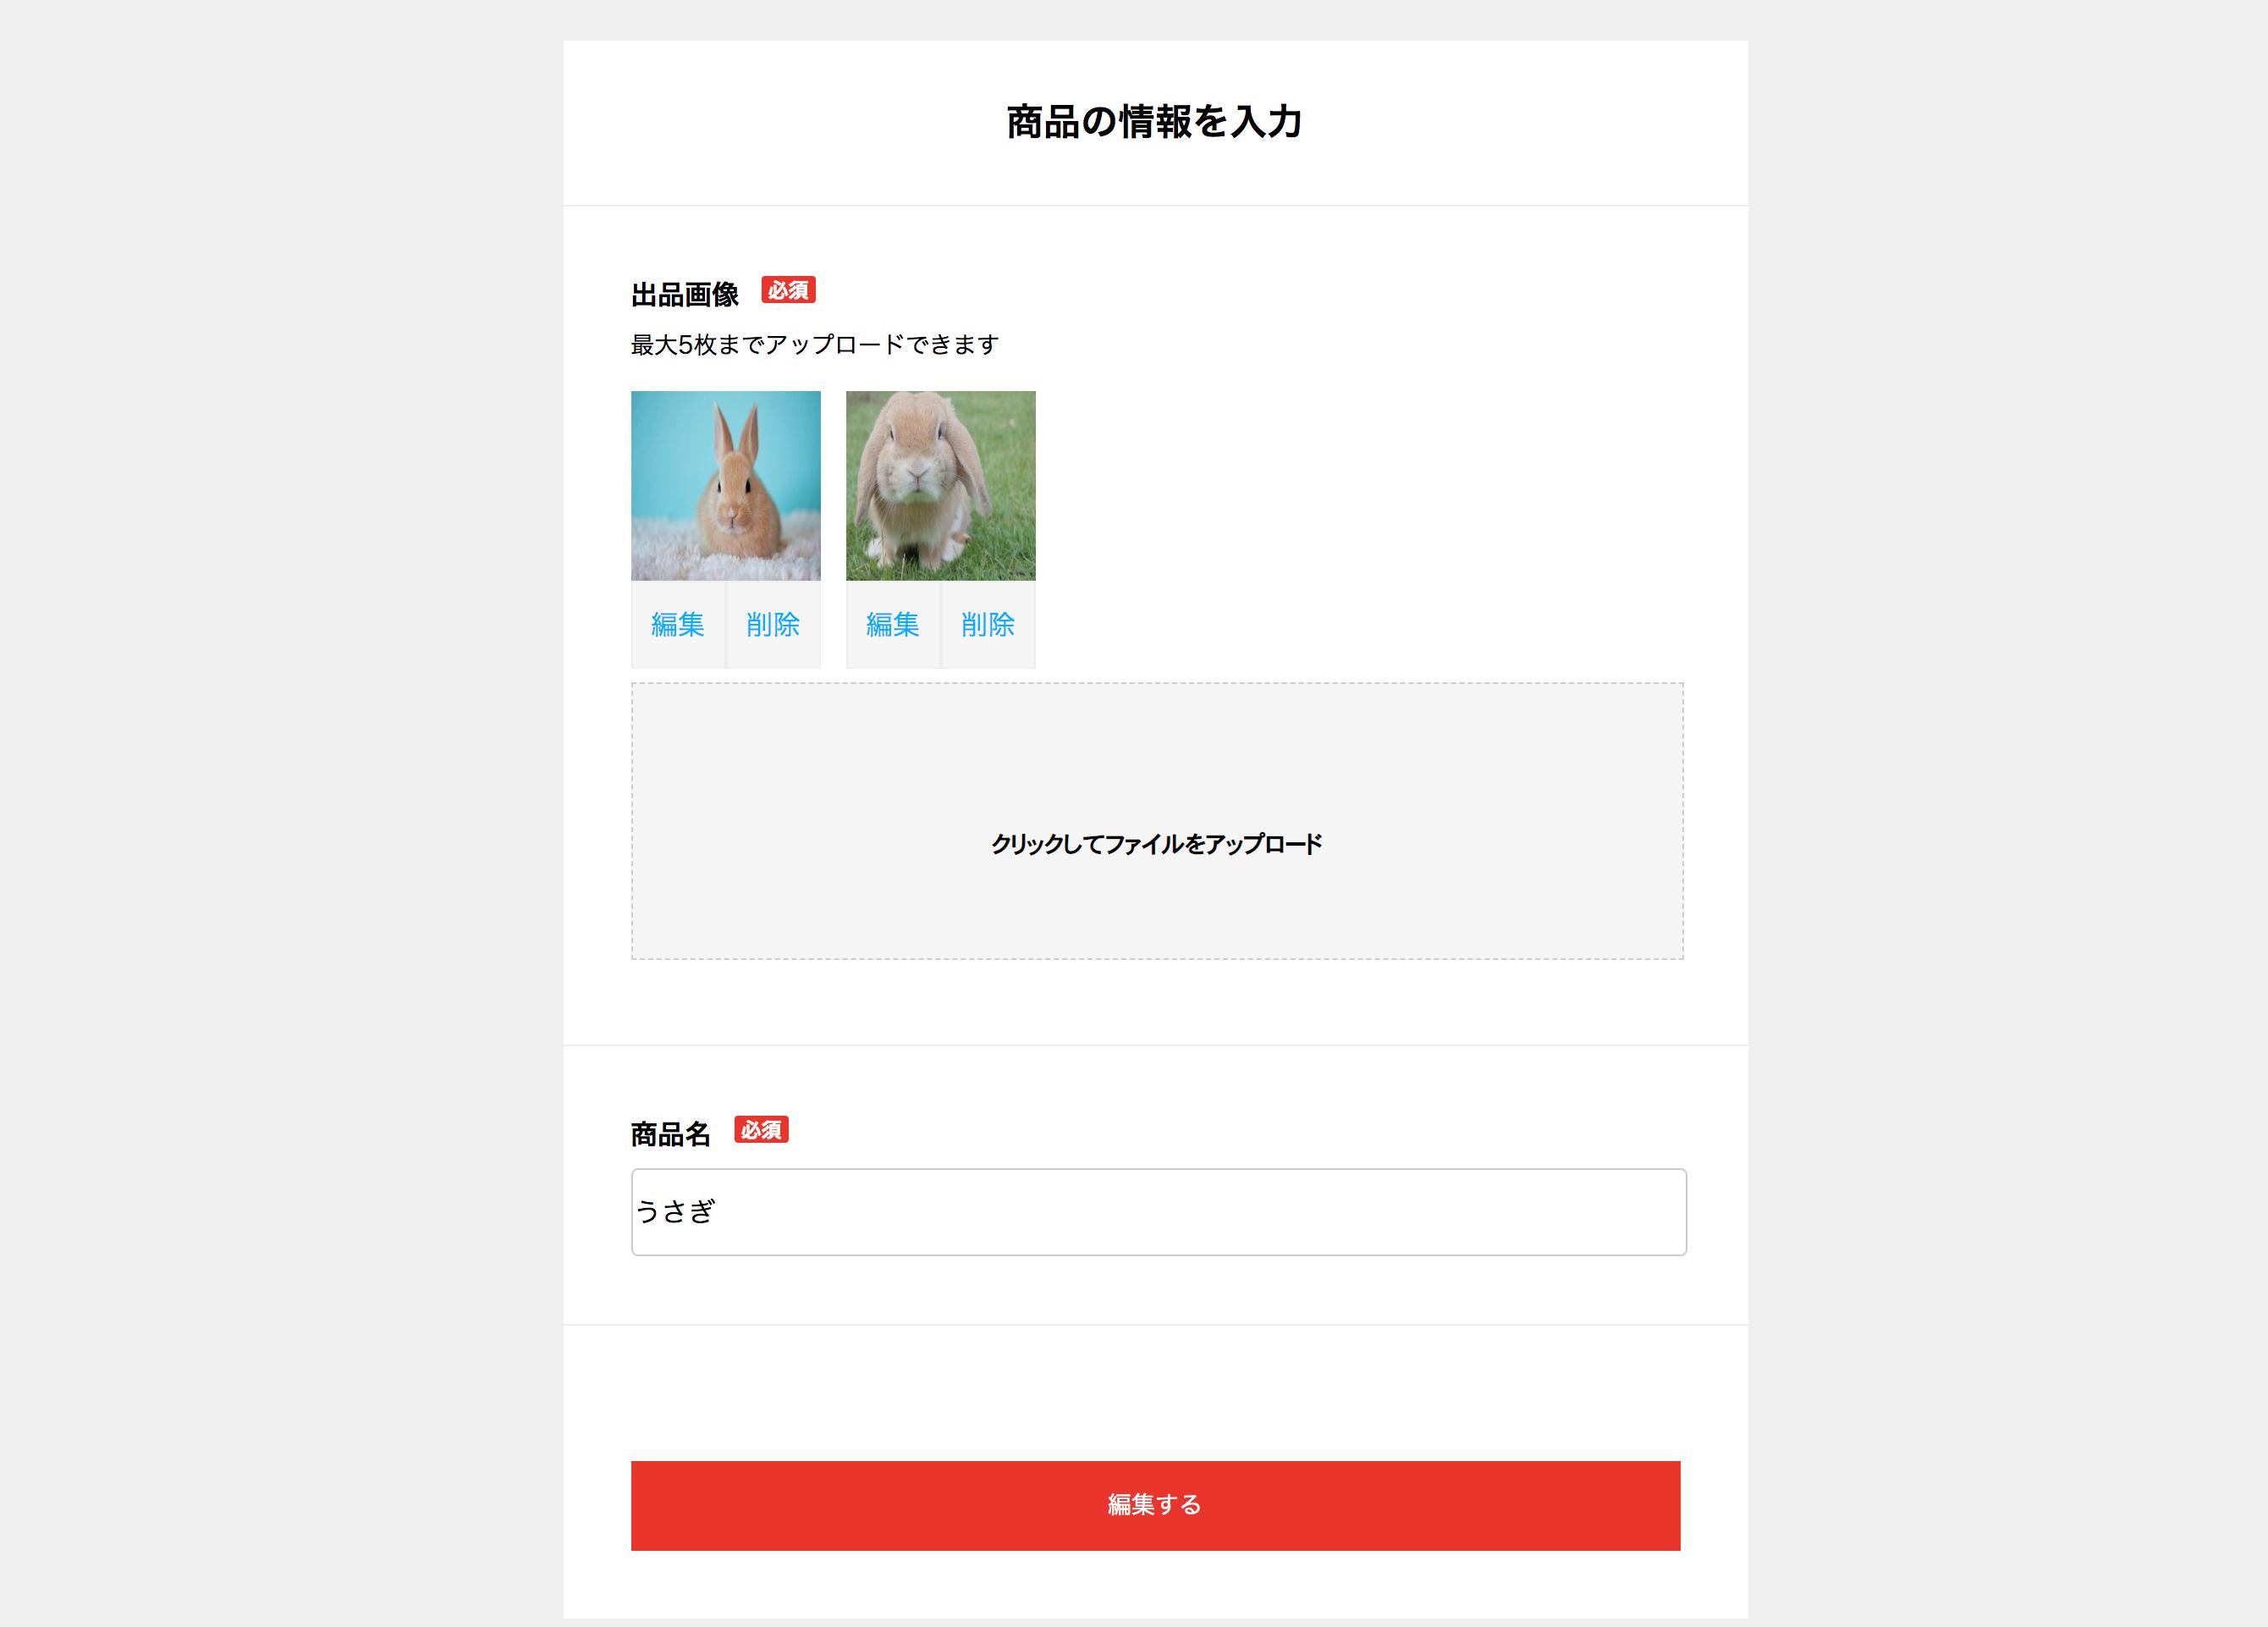 スクリーンショット 2020-01-15 1.45.42.png